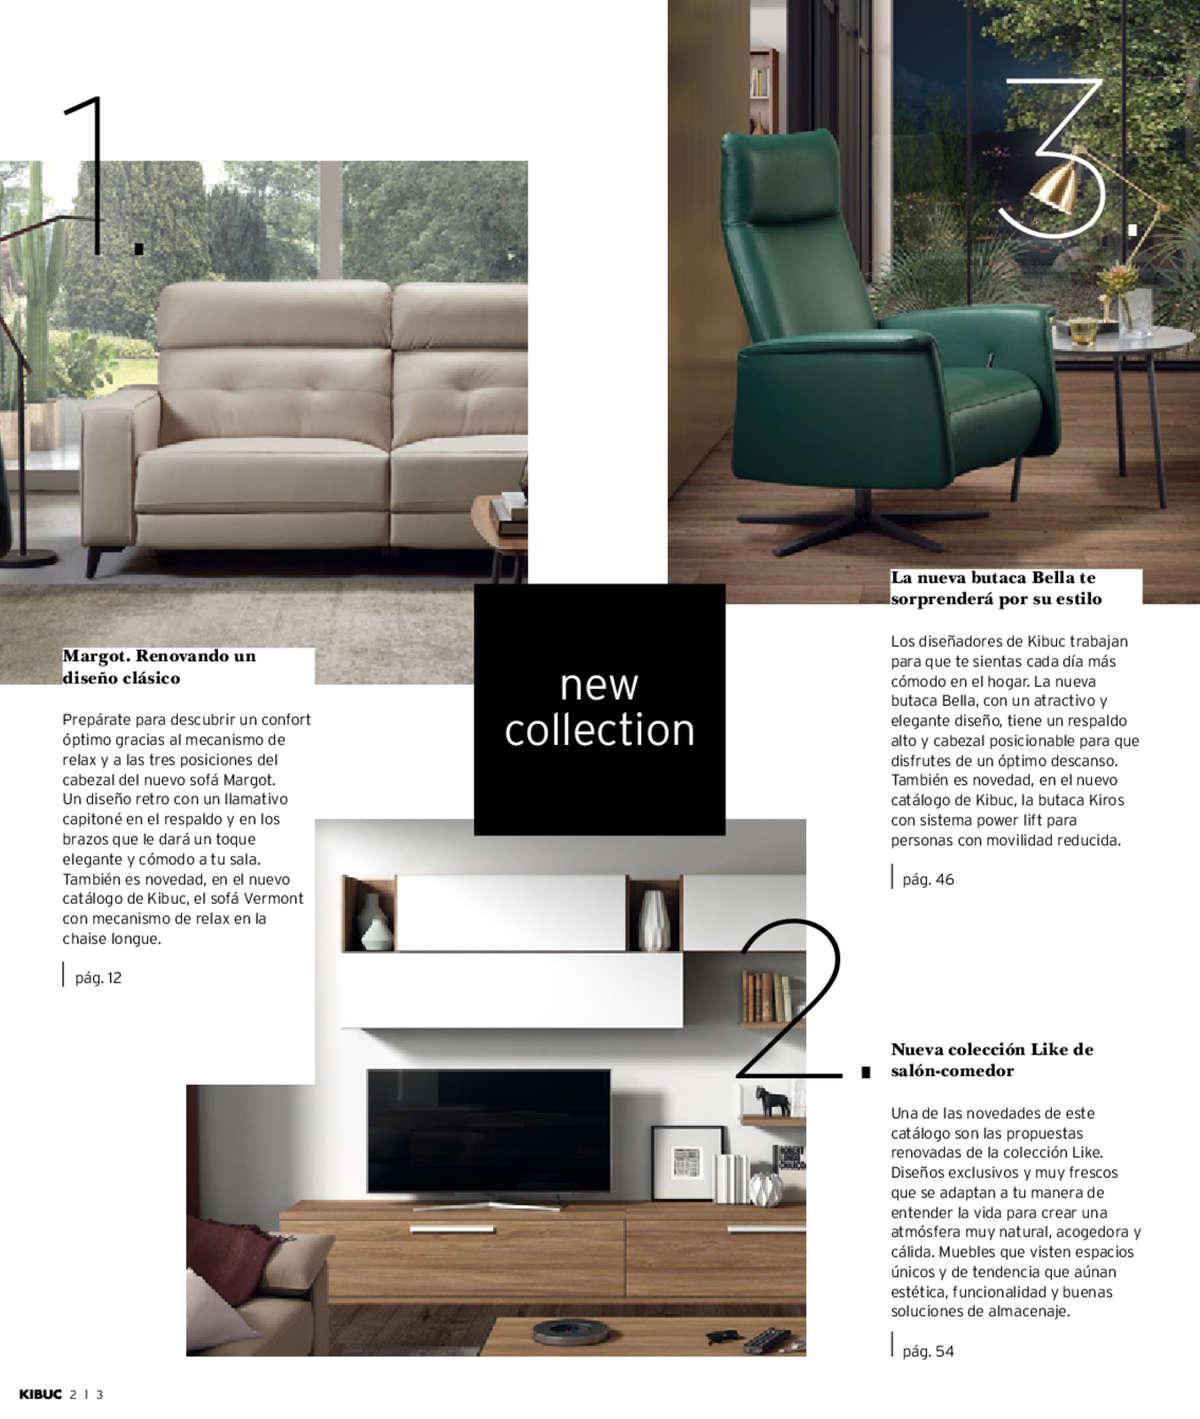 Comprar Muebles barato en La Seu D\'urgell - Ofertia